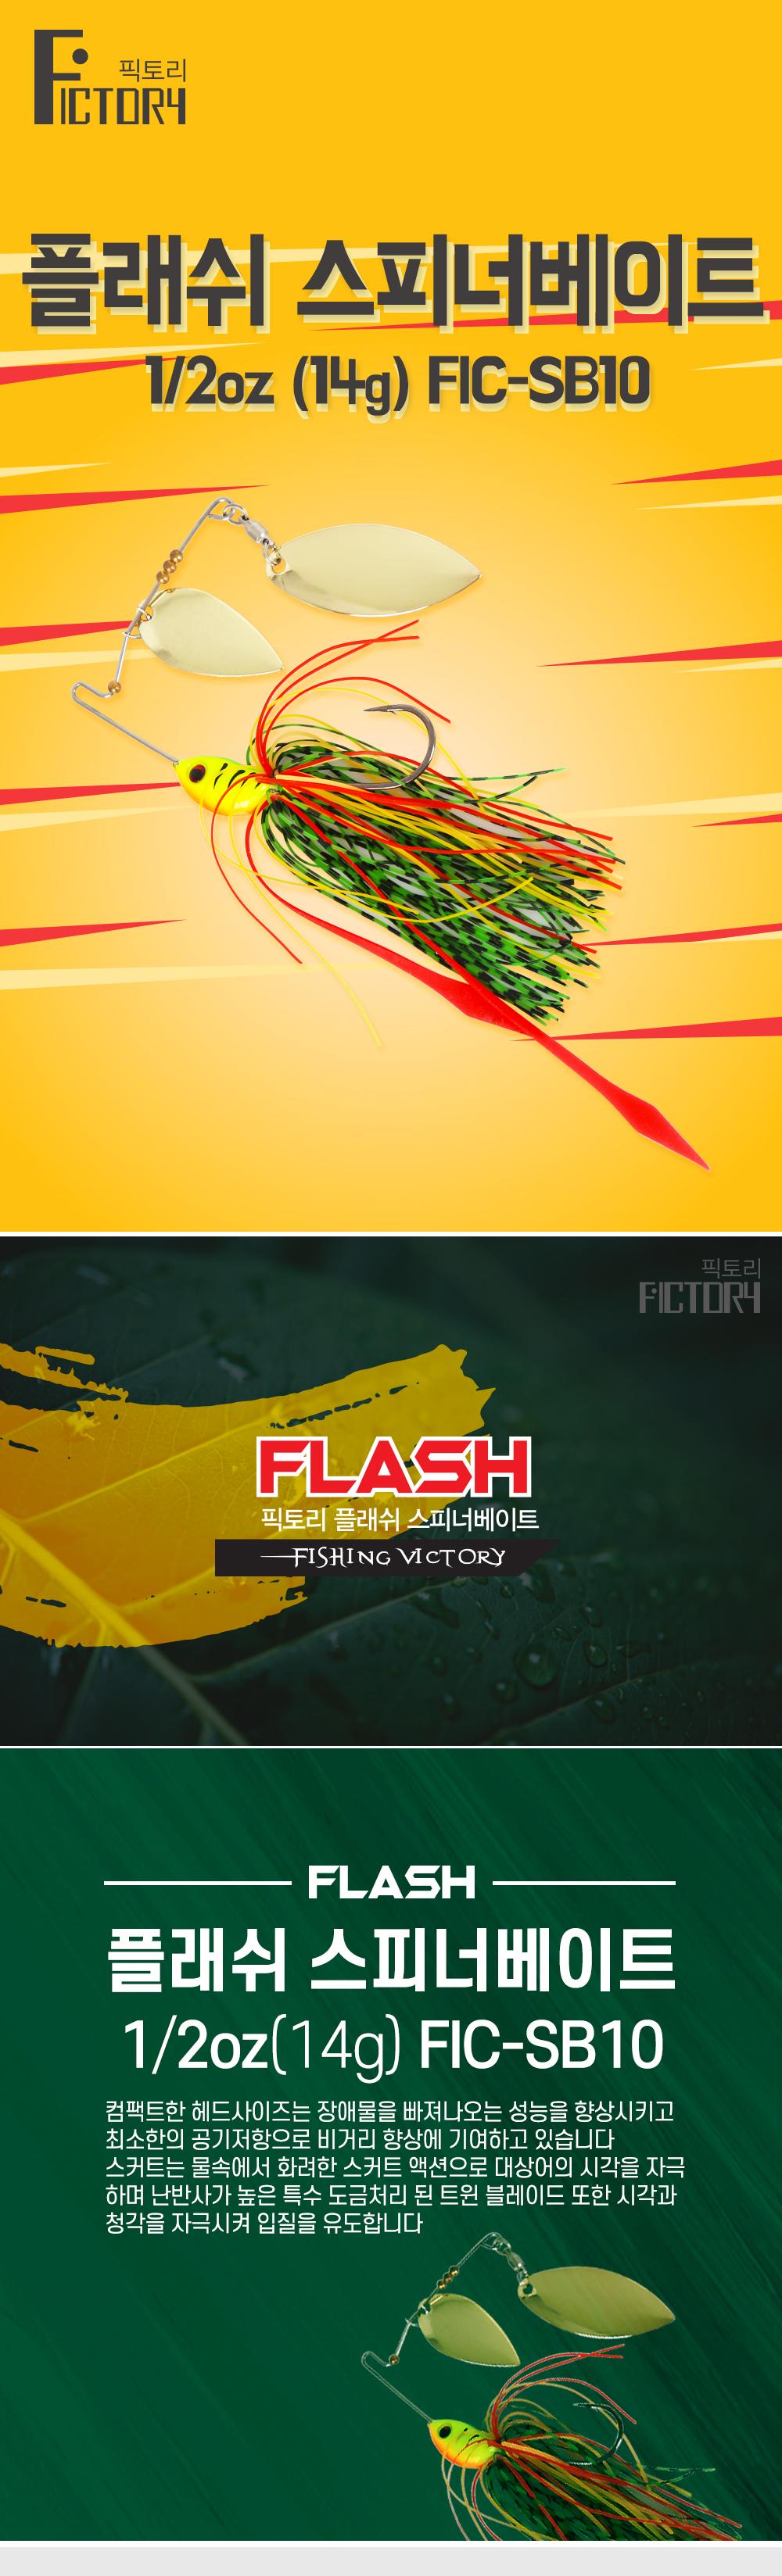 픽토리 플래쉬 스피너베이트 1/2oz(14g) FIC-SB10 배스루어 스피너 스피너베이트 스베 와이어베이트